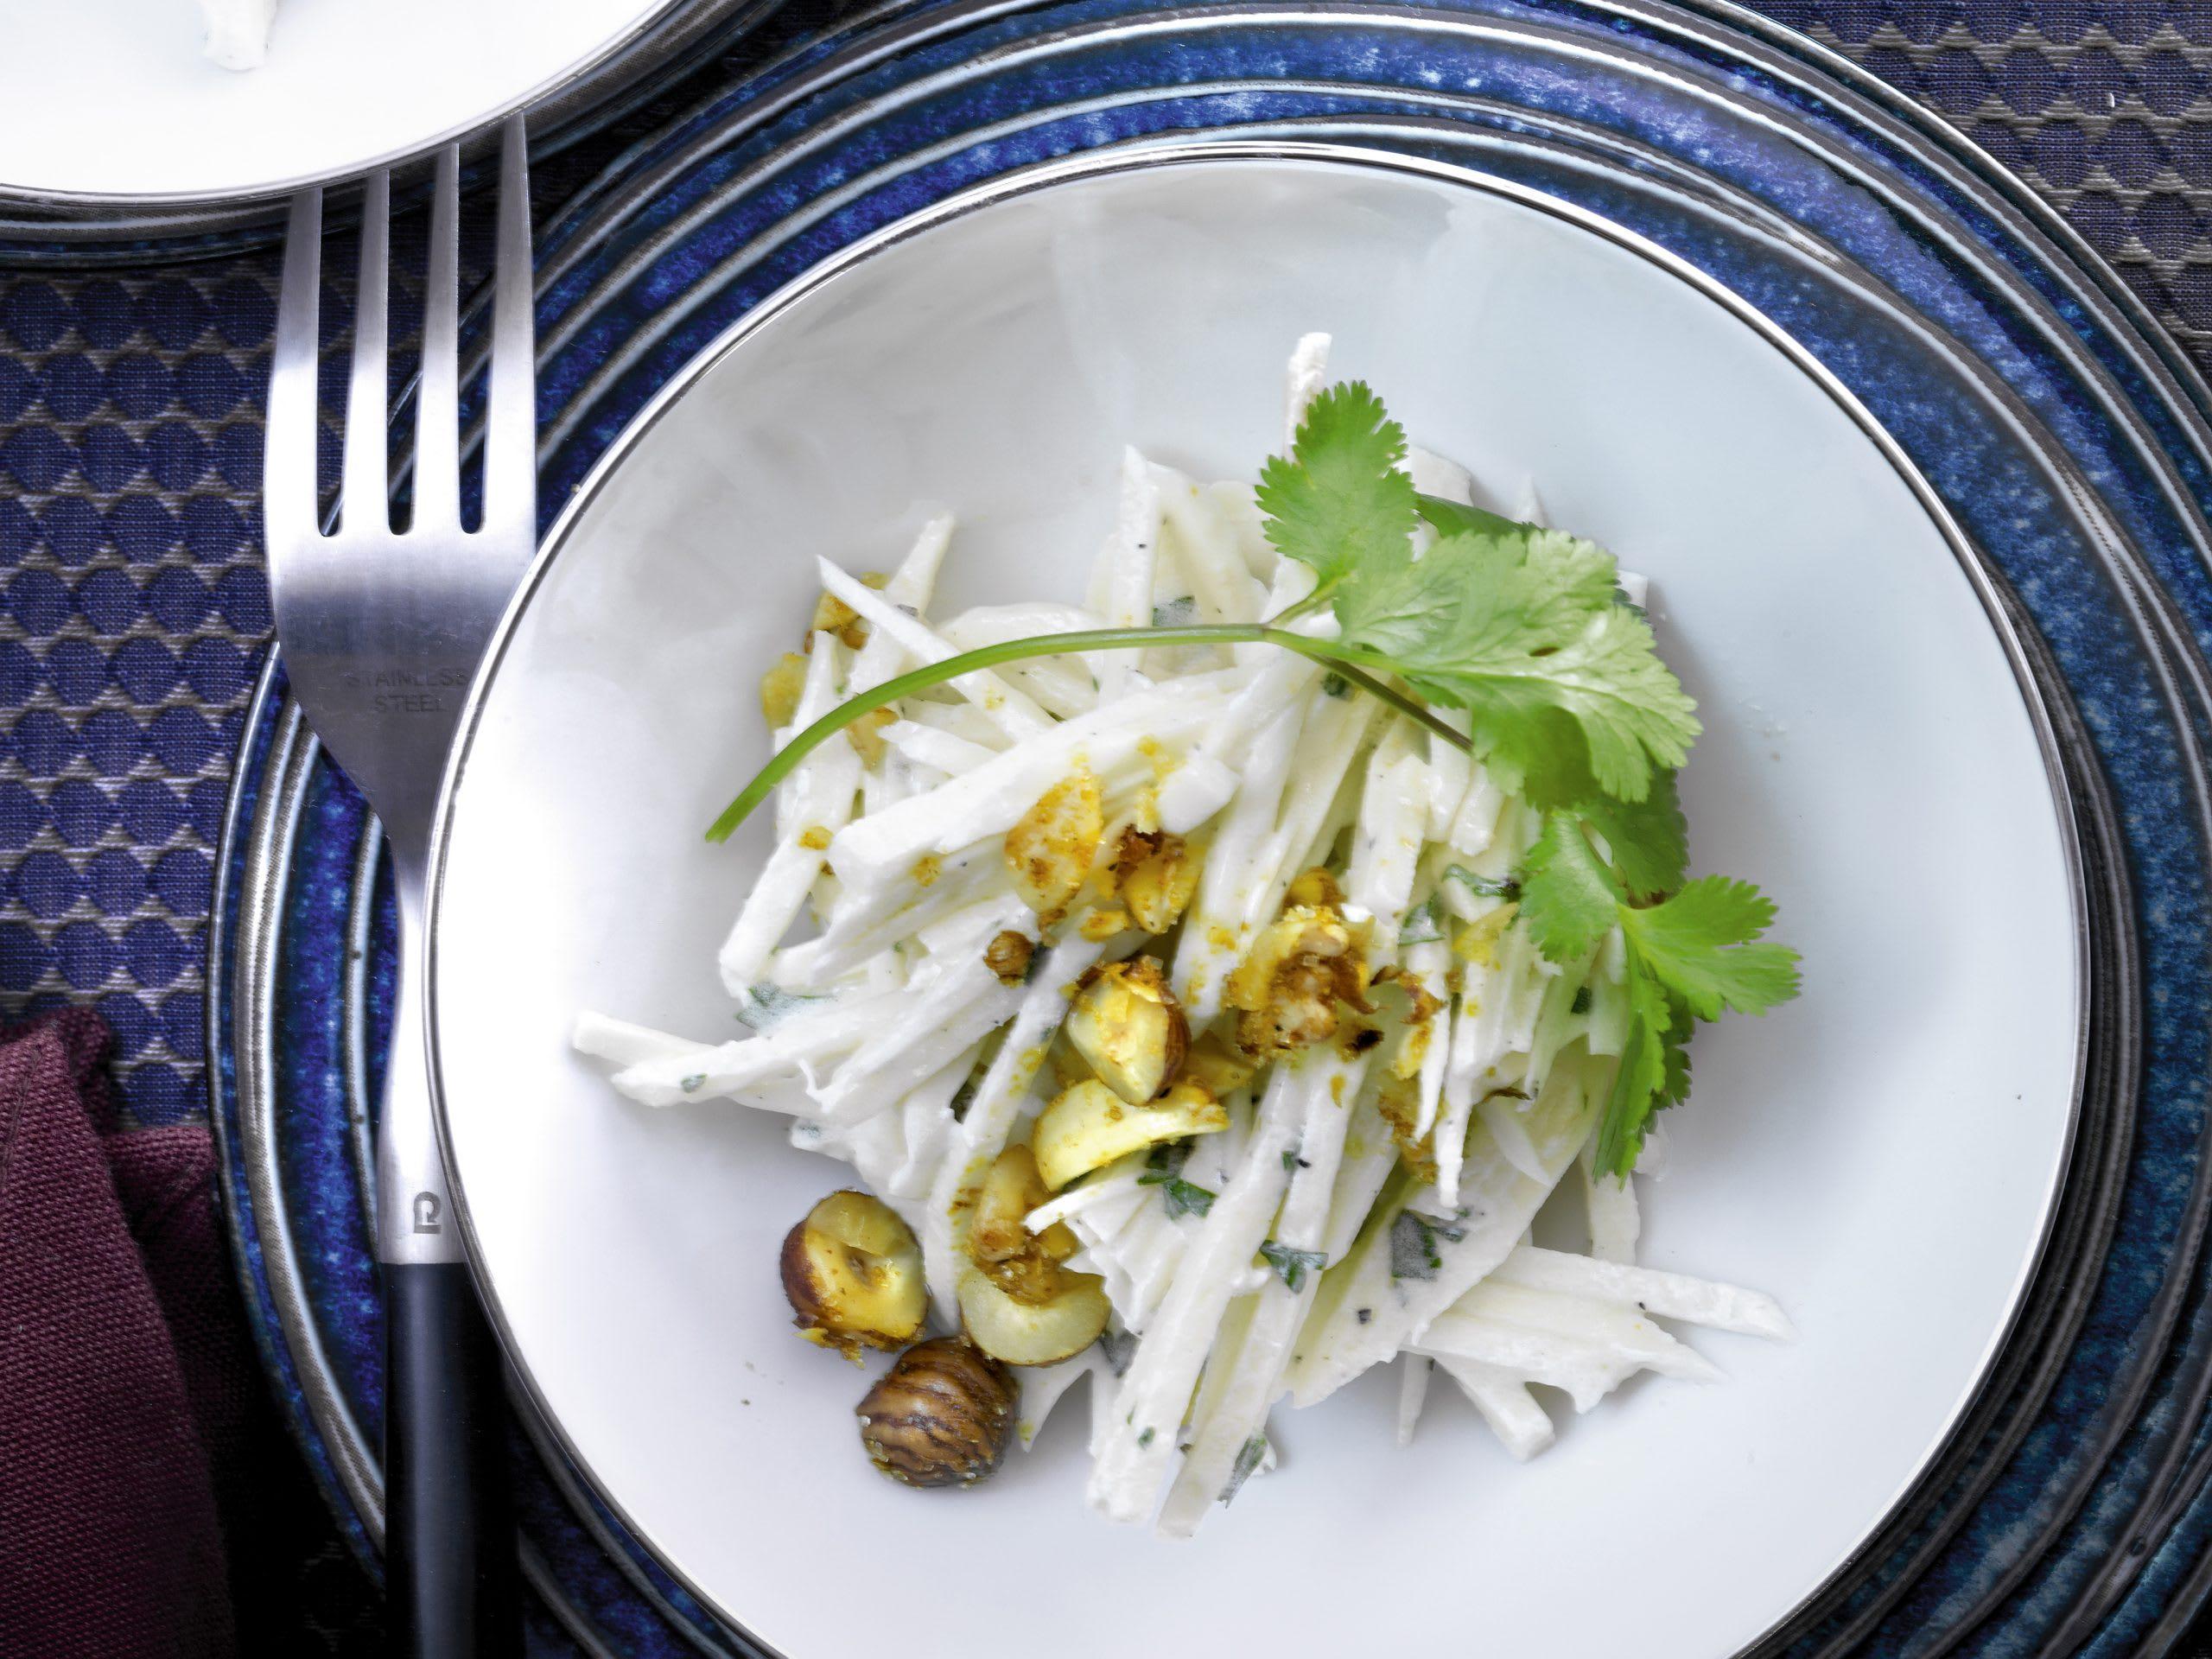 Salade de panais aux fruits secs épicés